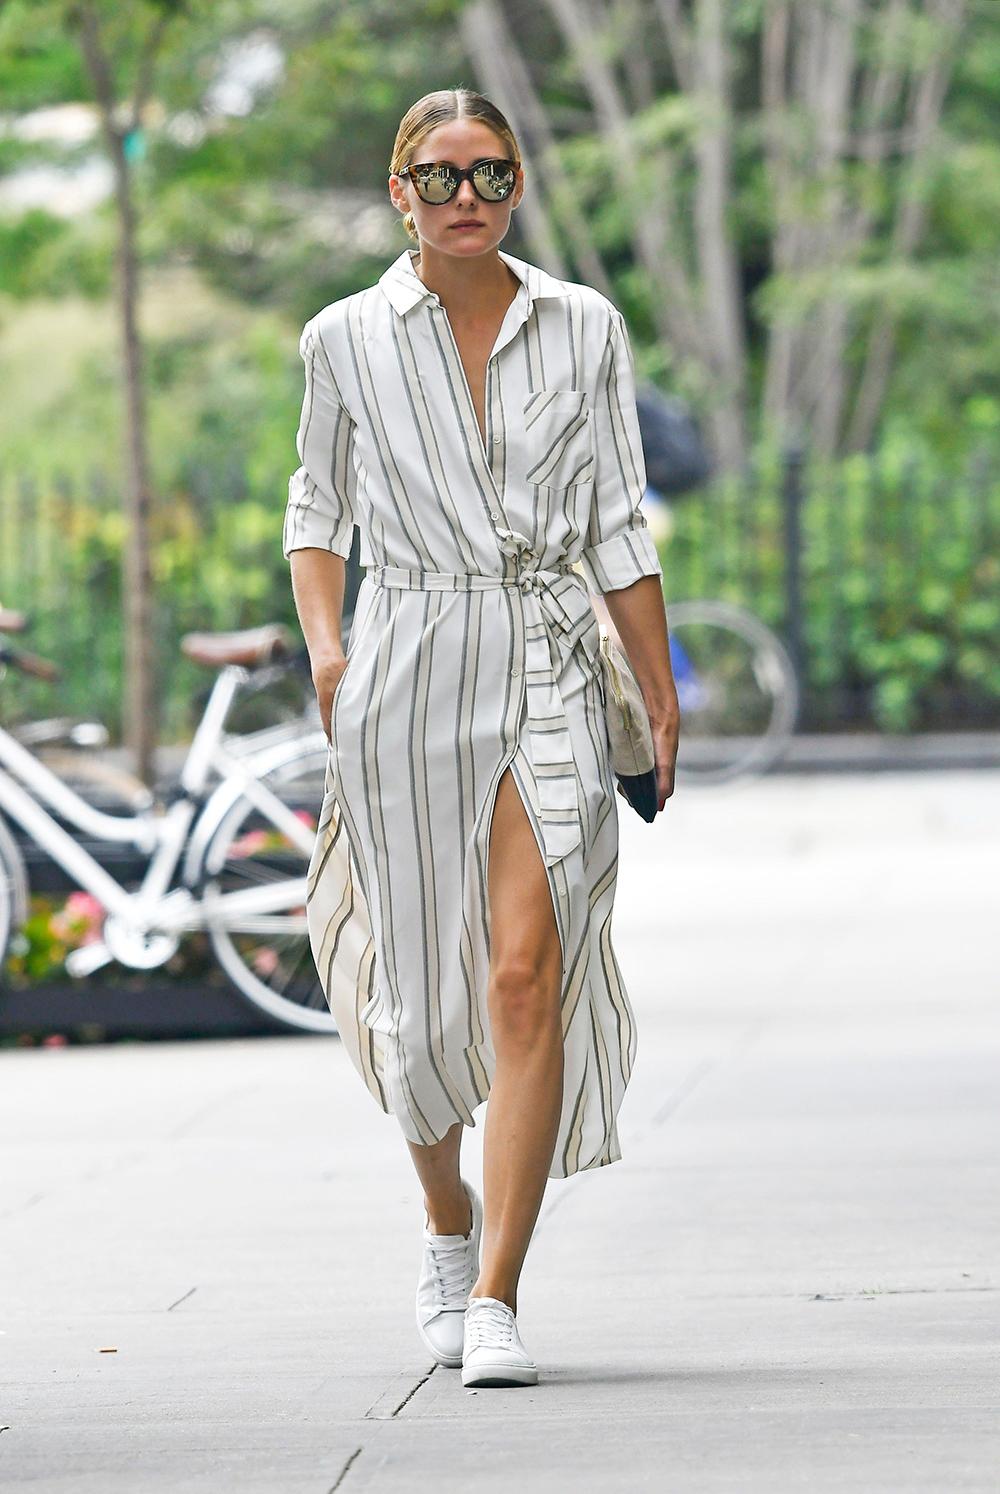 bí quyết mặc đầm sơ mi từ fashionista olivia